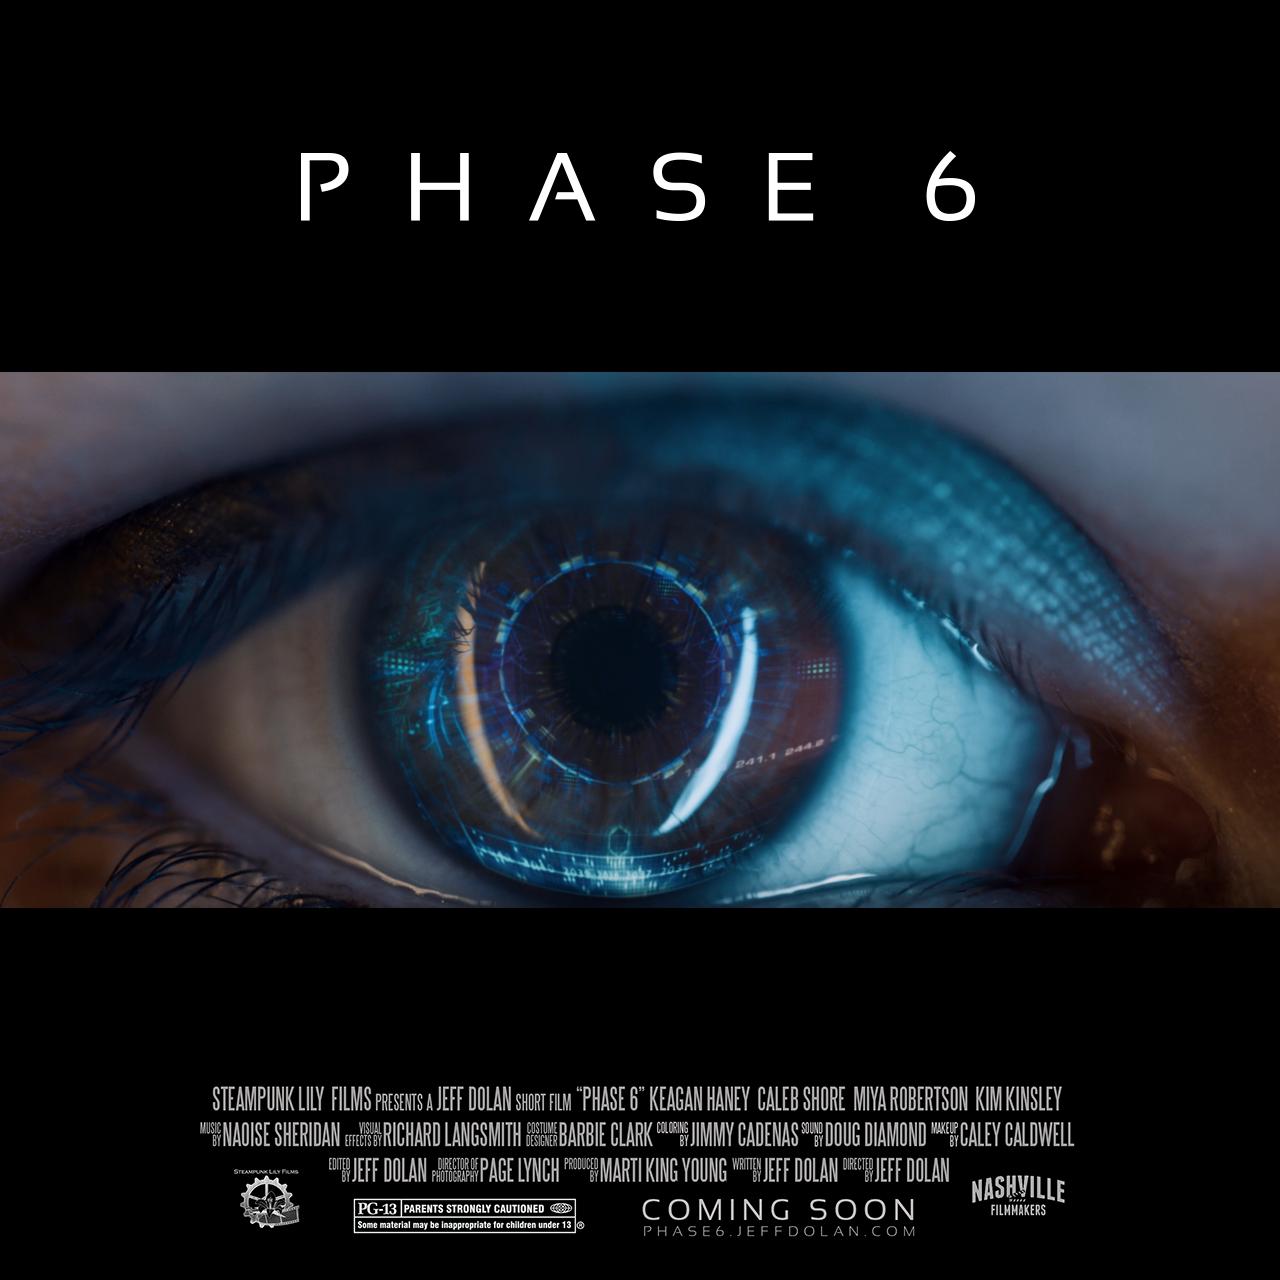 Phase 6 promo